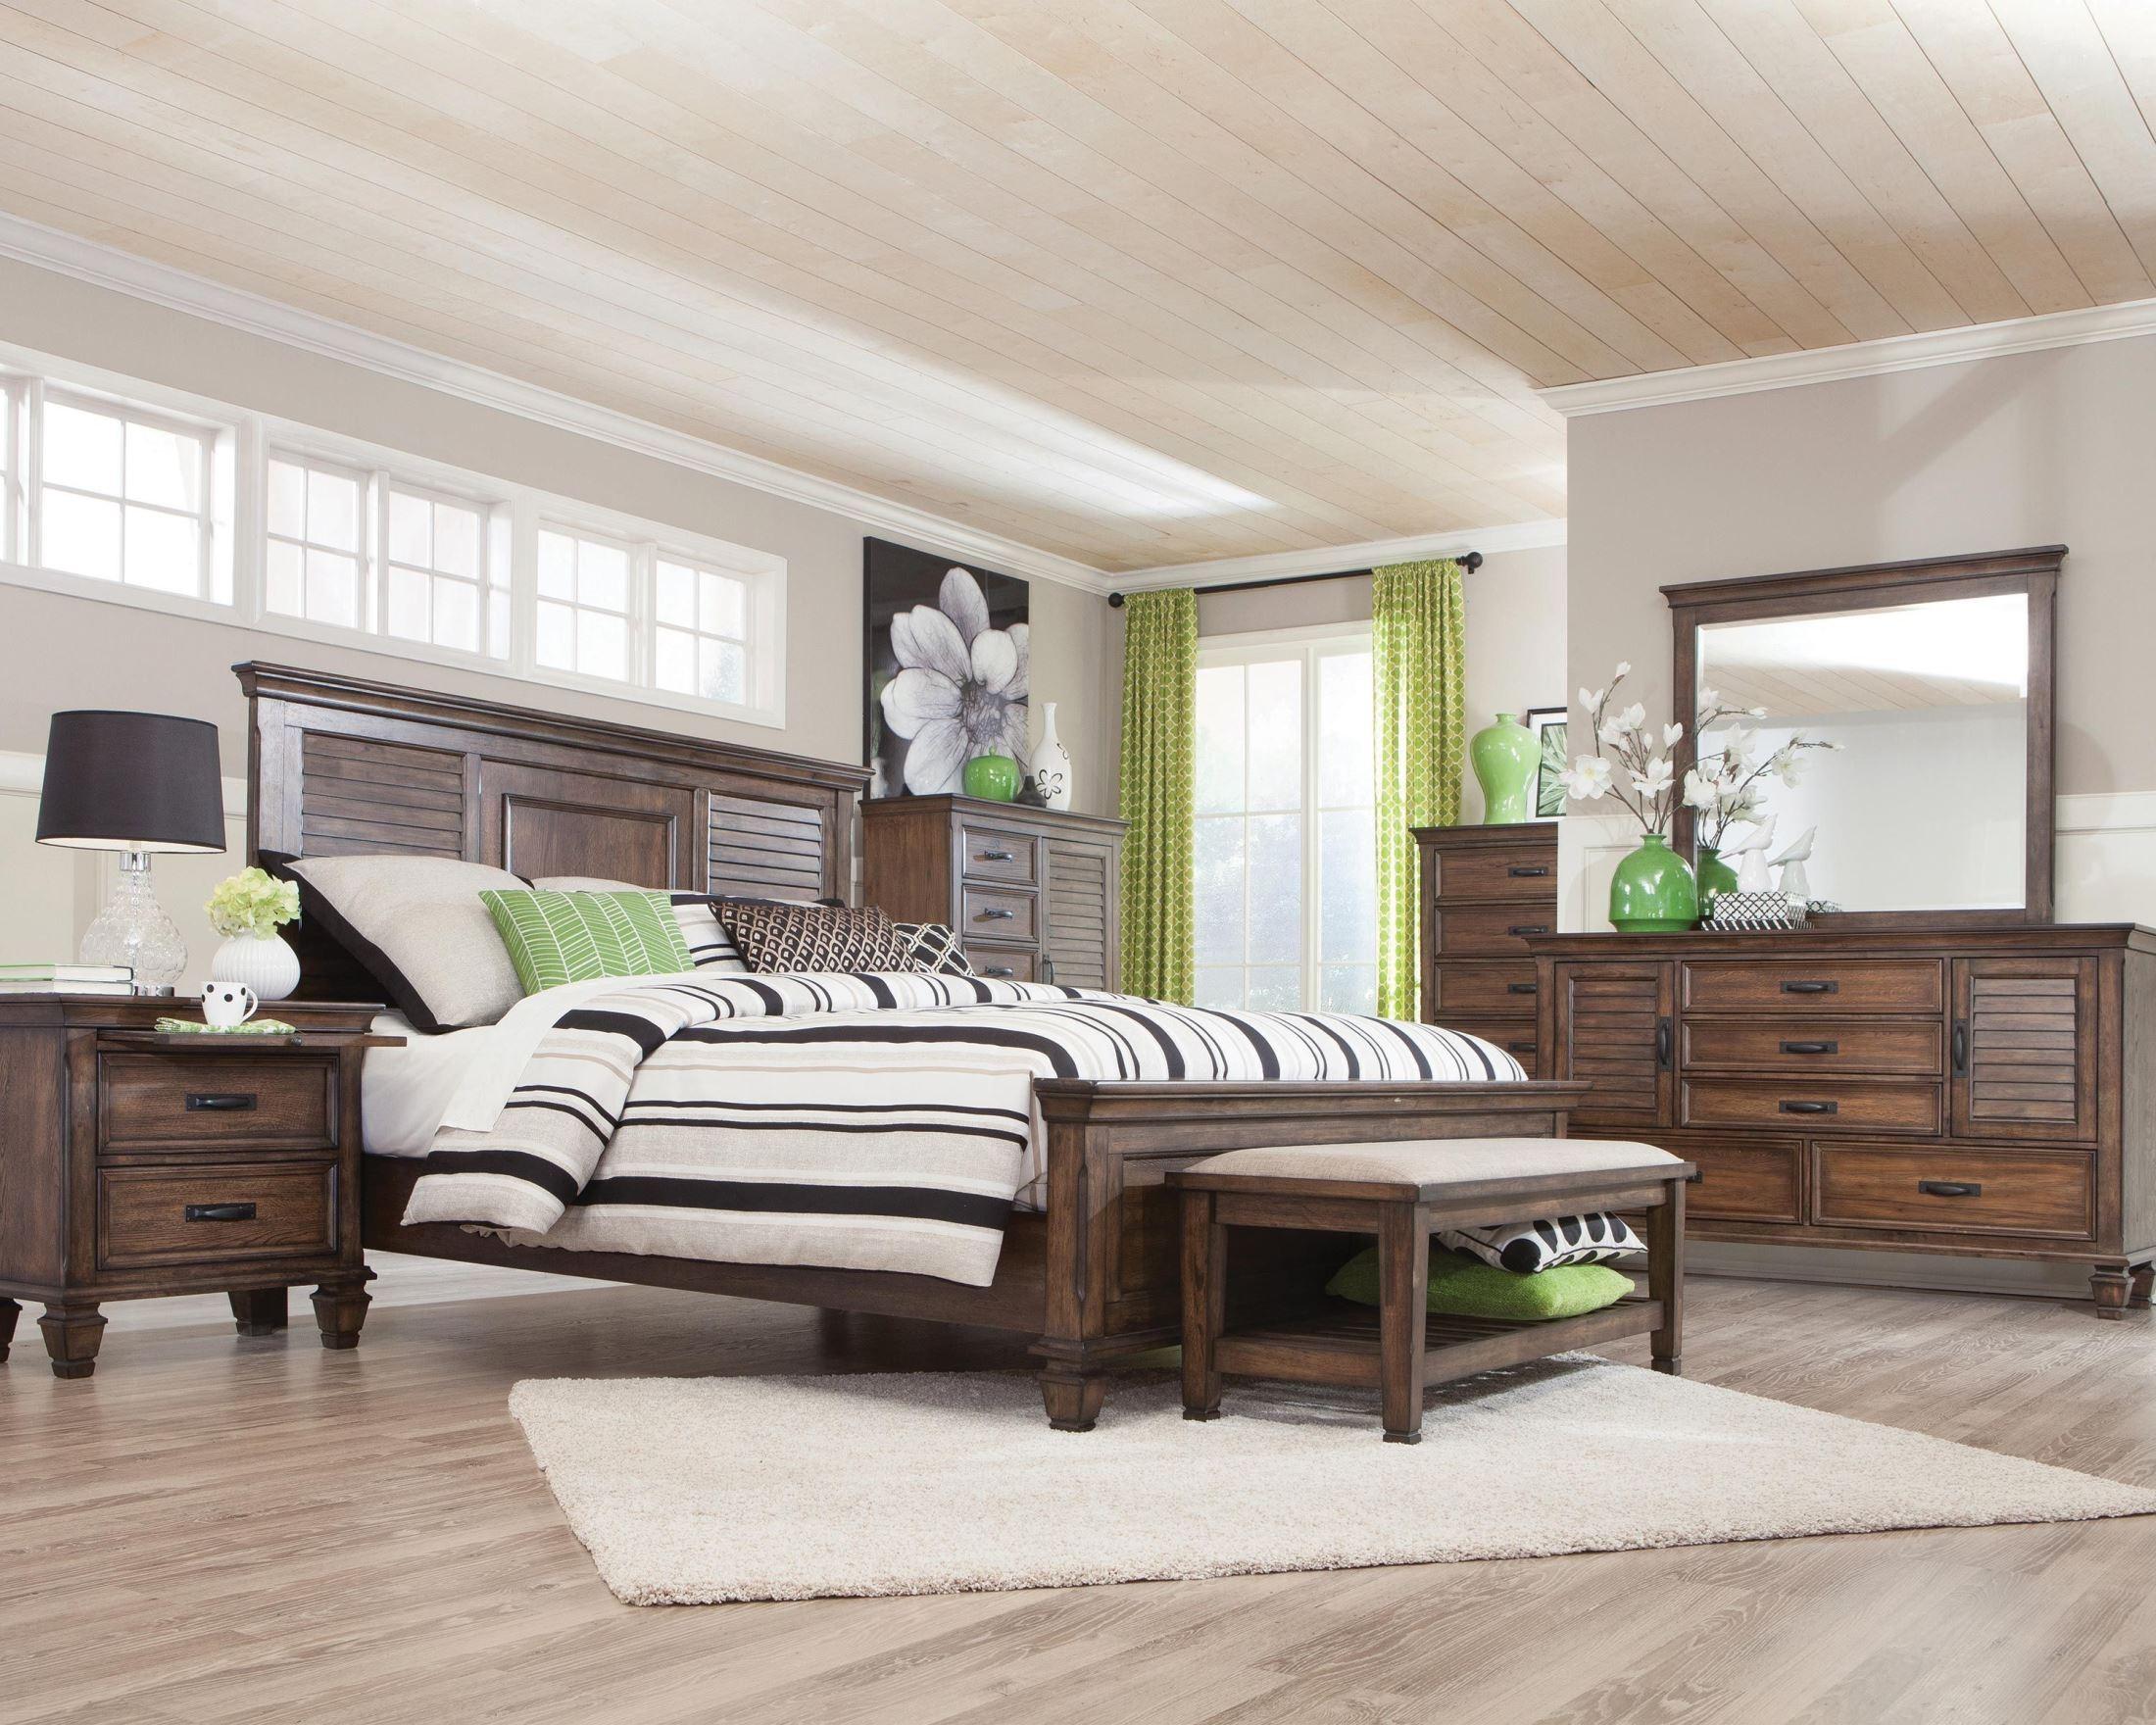 Franco Burnished Oak Panel Bedroom Set From Coaster Coleman Furniture